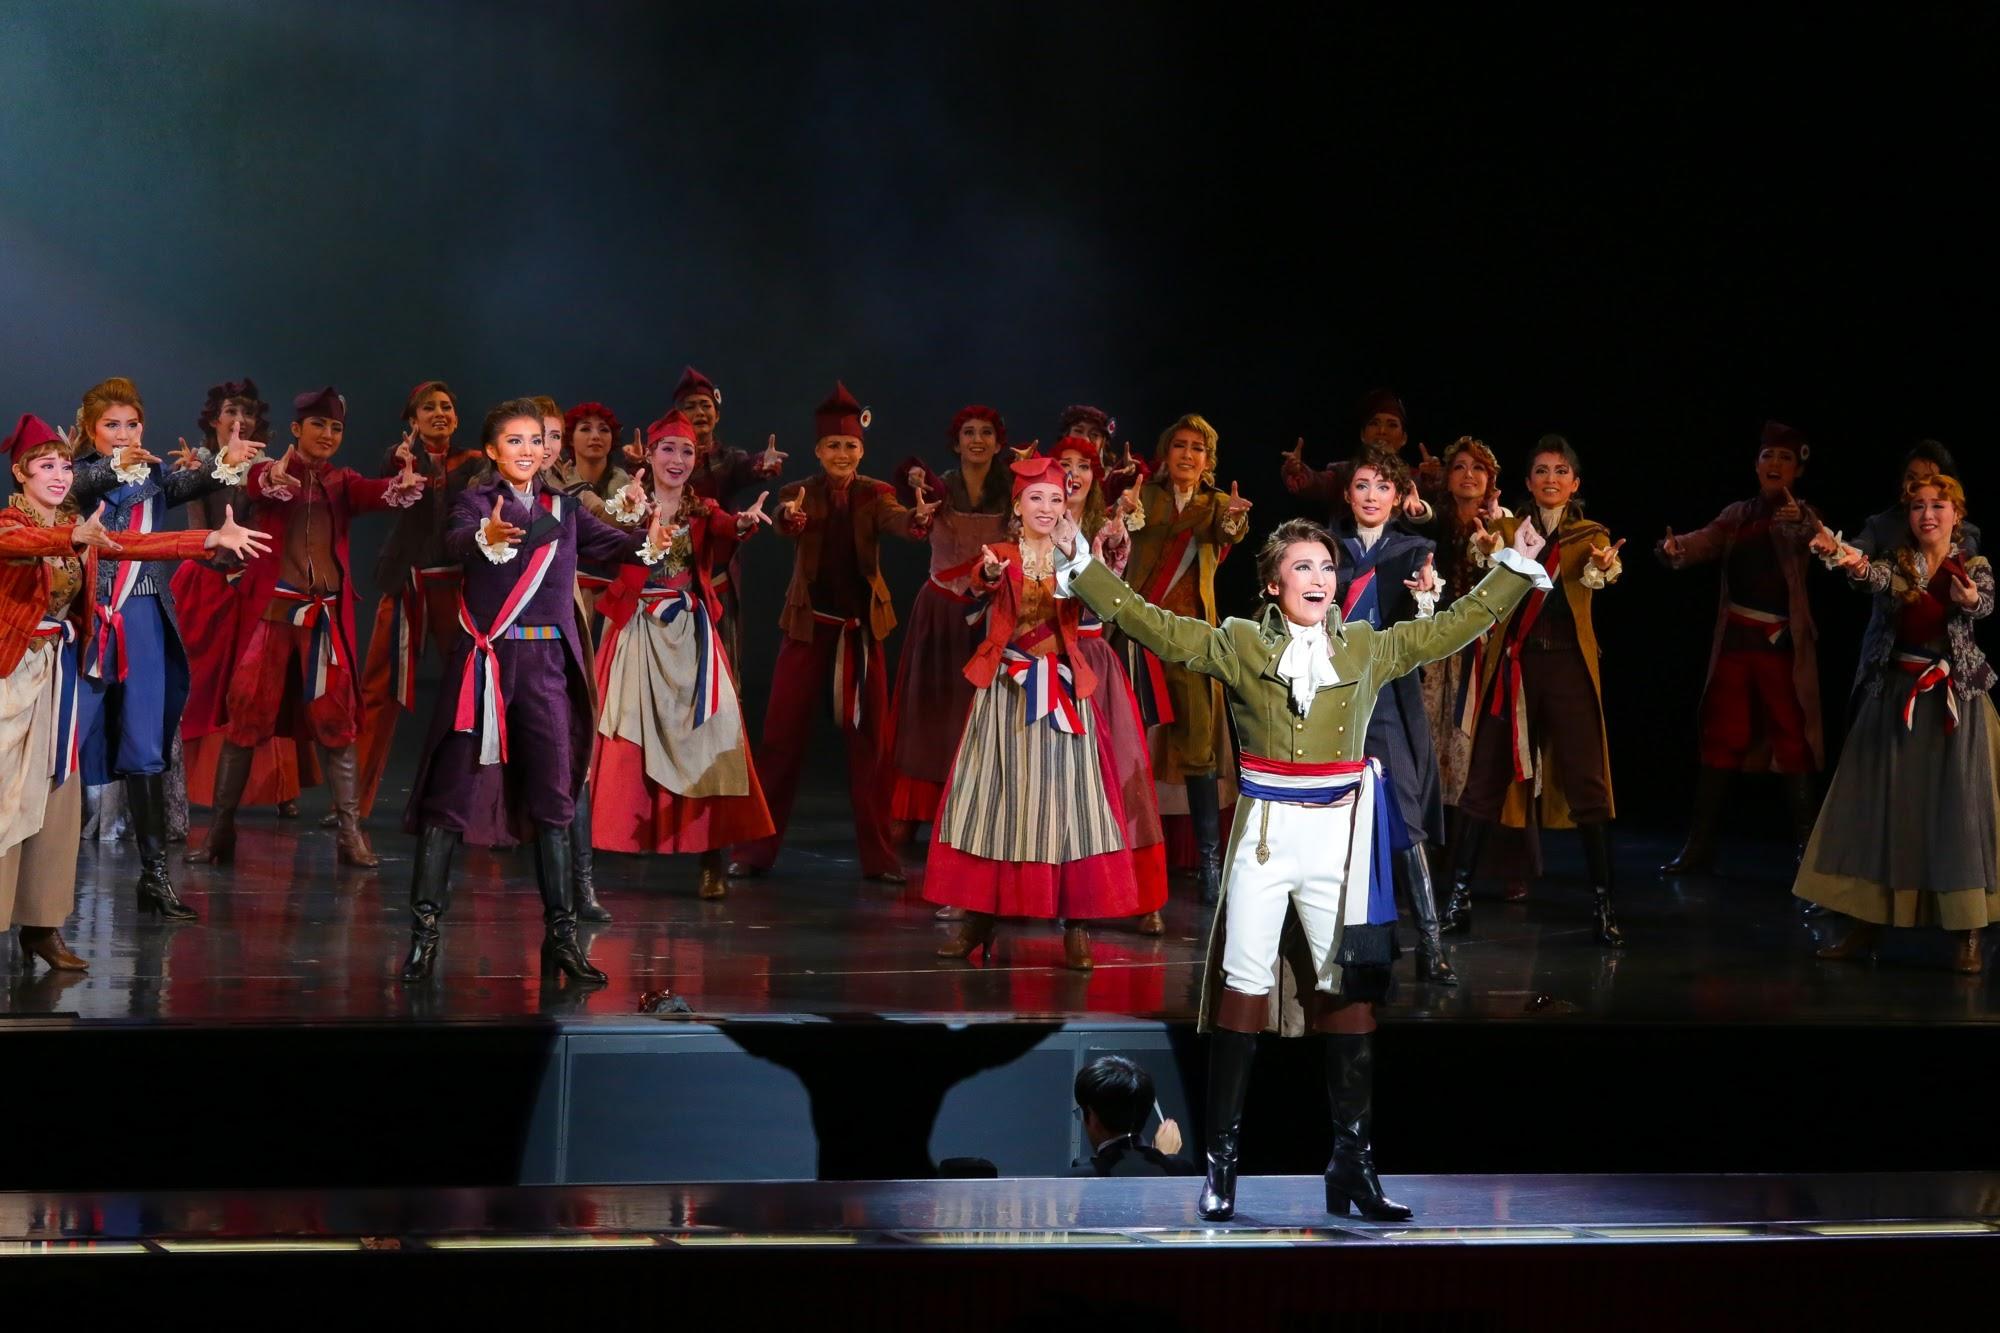 革命の勝利に沸くロベスピエールたち (c)宝塚歌劇団